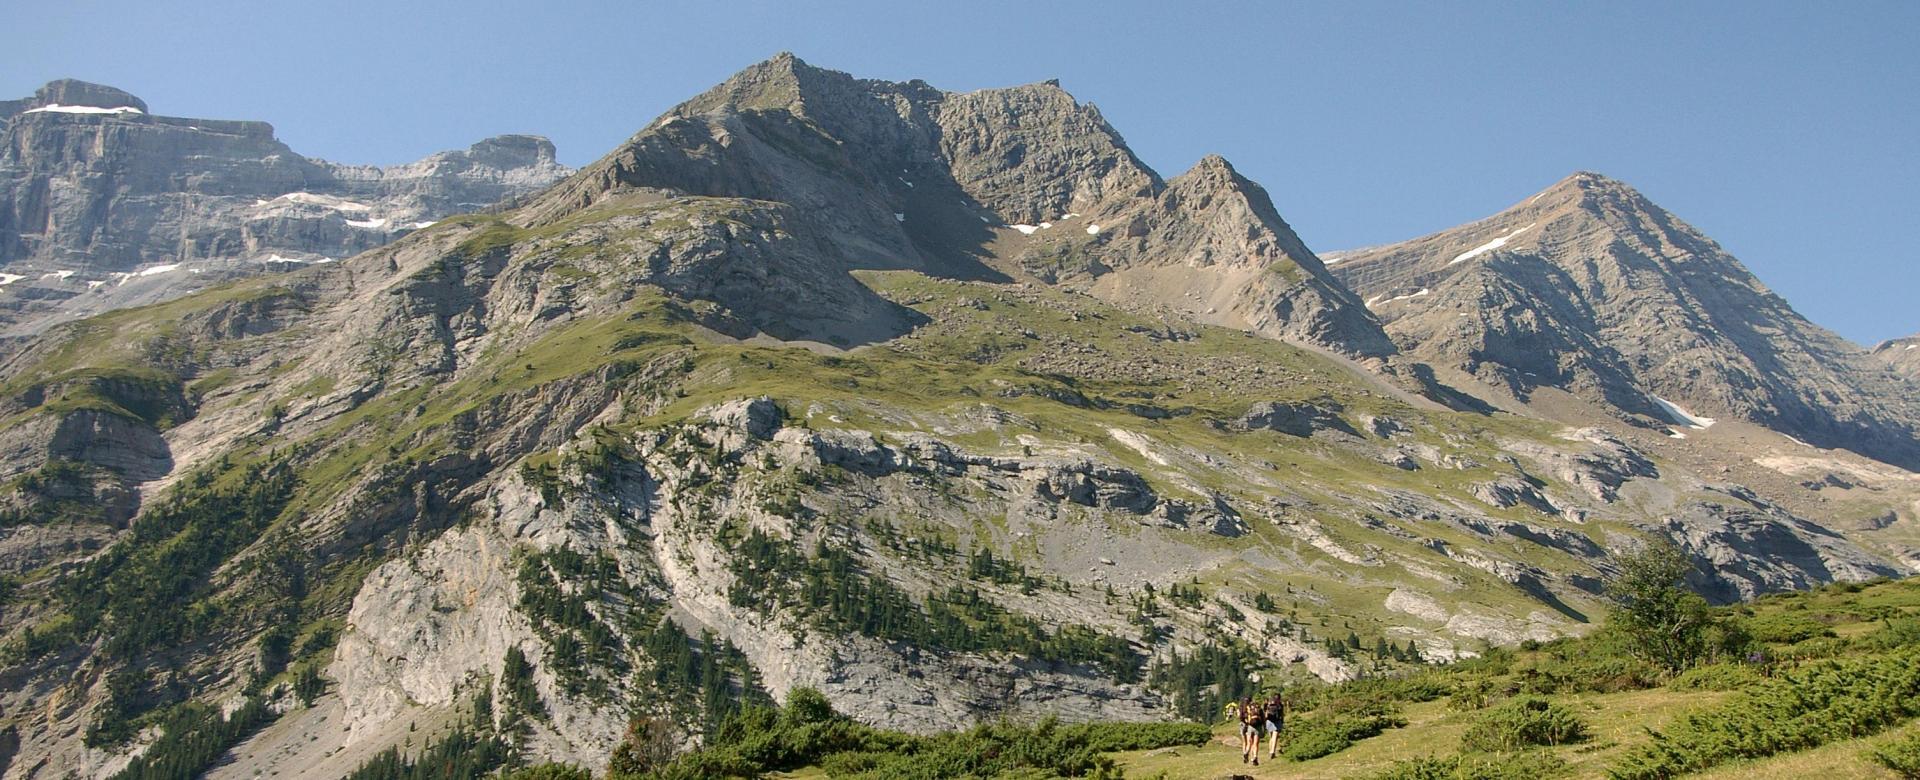 Voyage à pied : Les 3000 des pyrénées, du vignemale au mont perdu